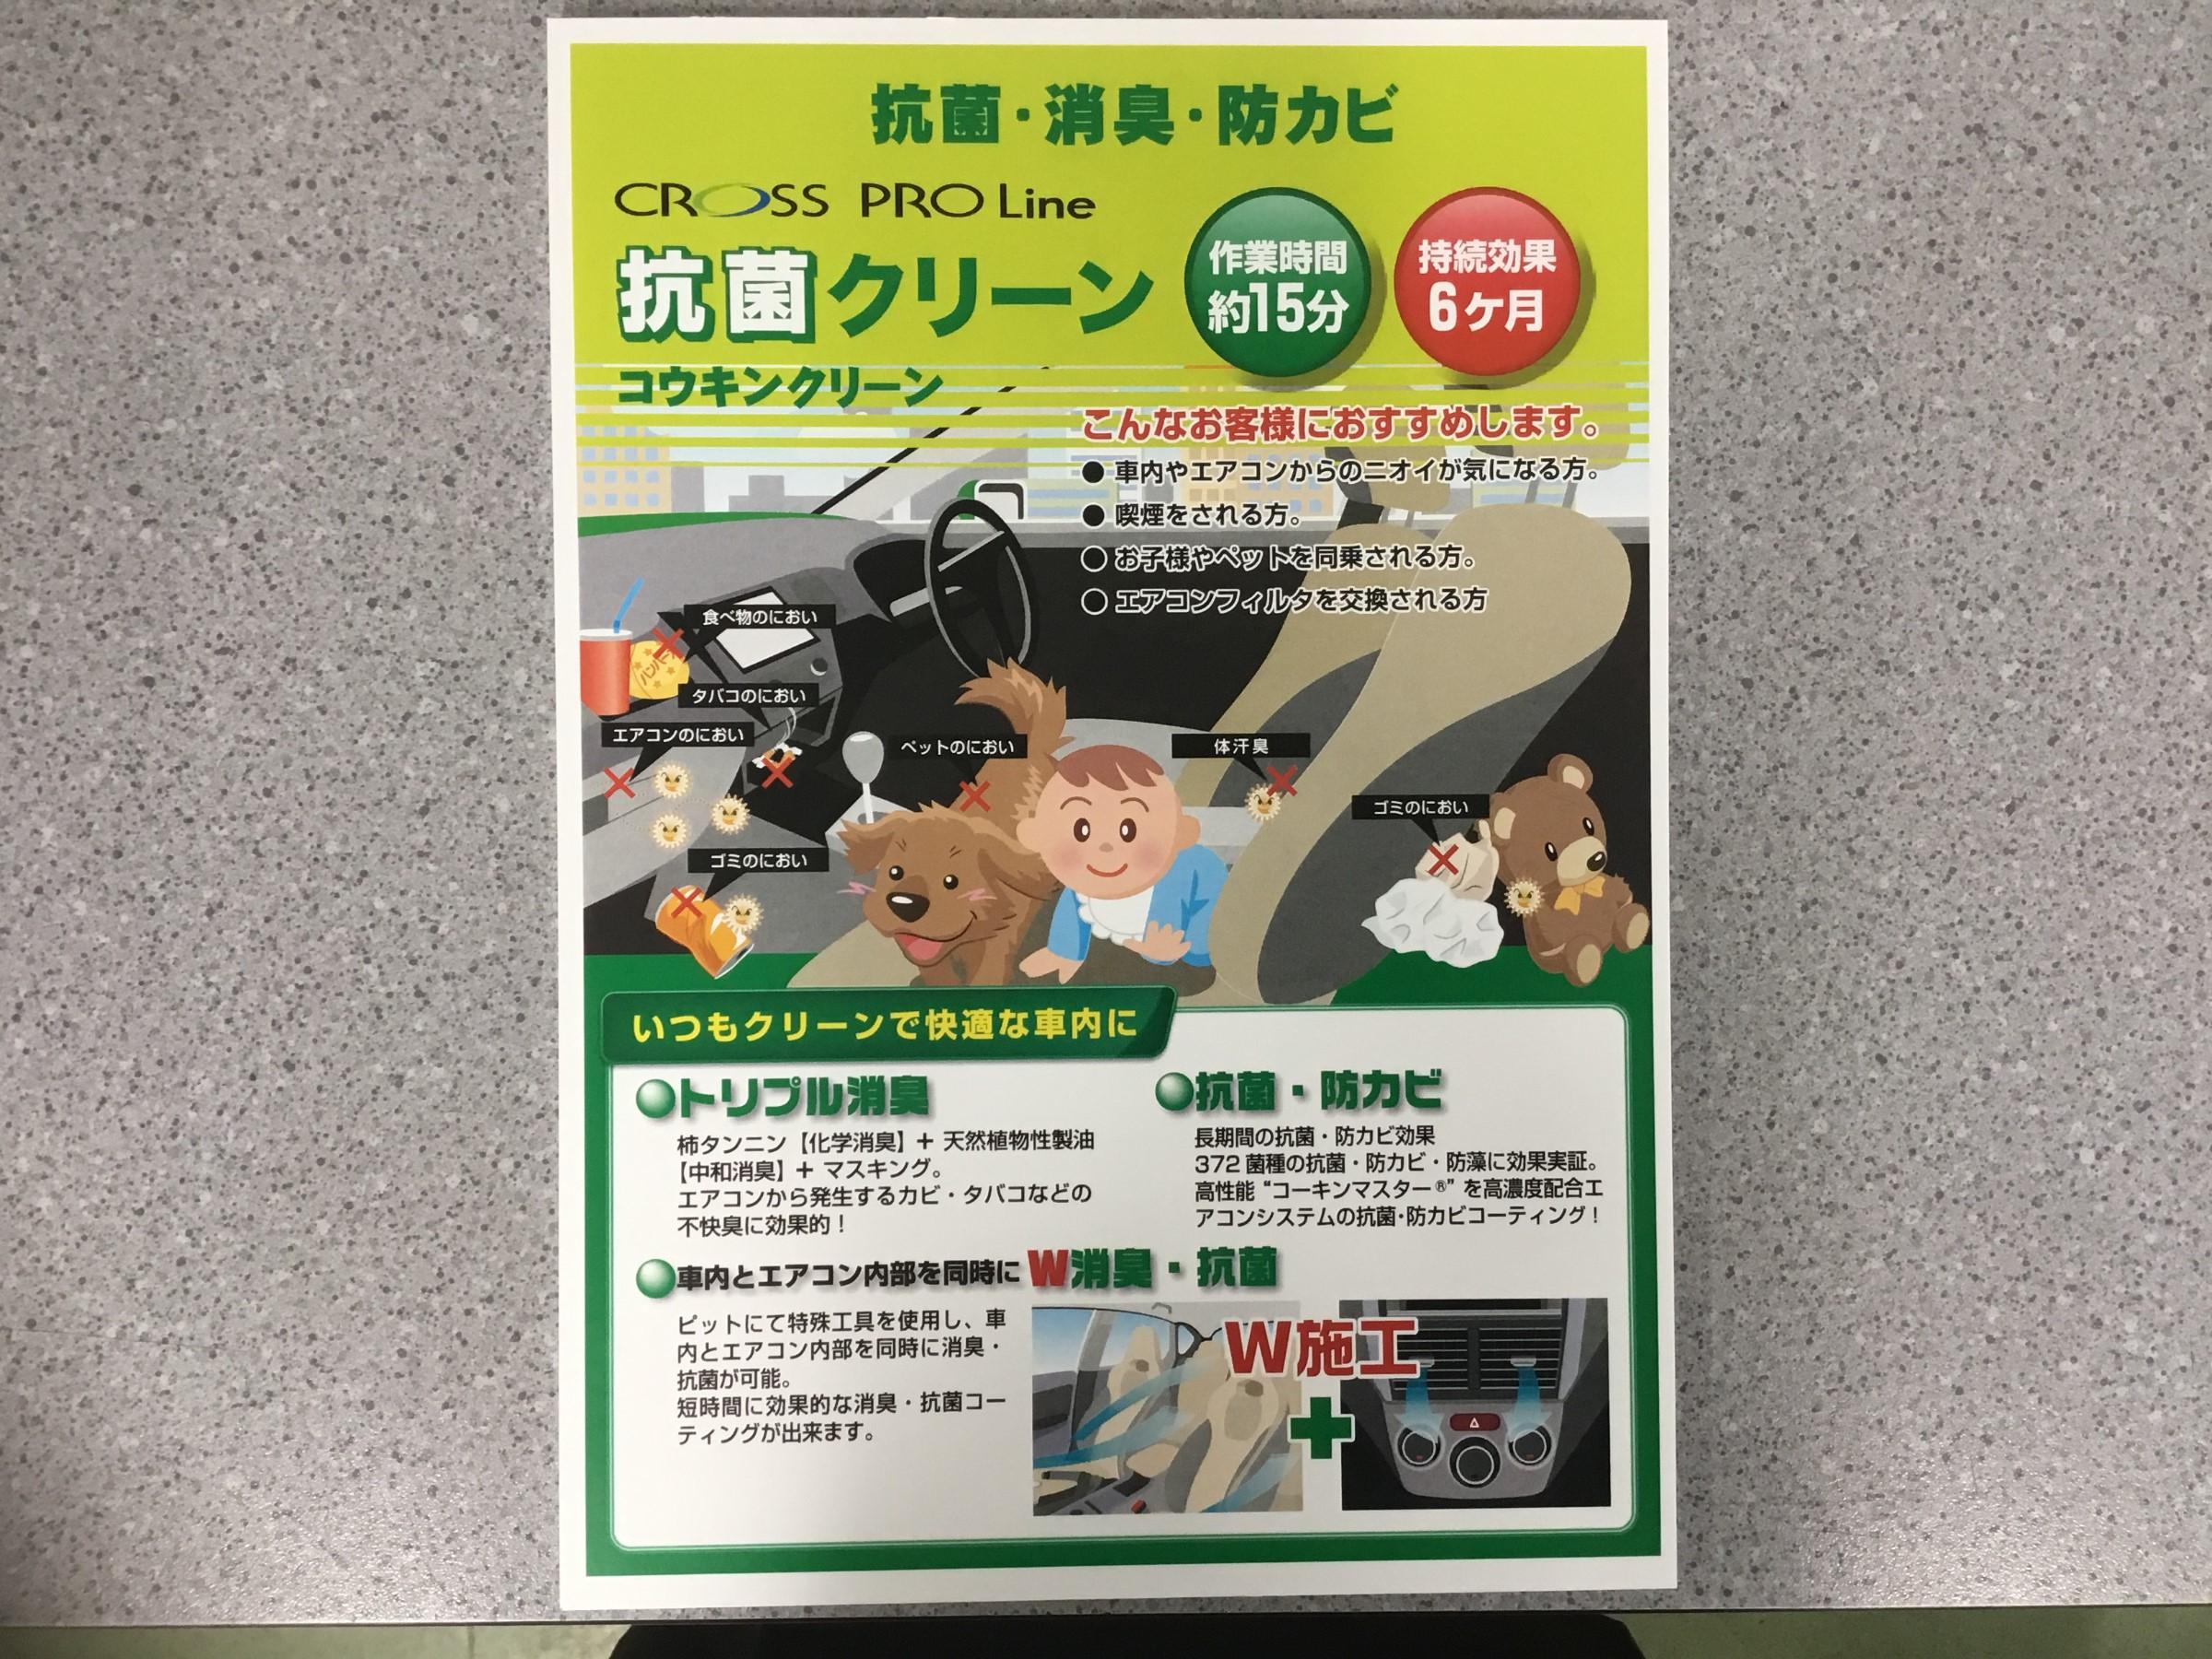 ゴミ カレンダー 旭川